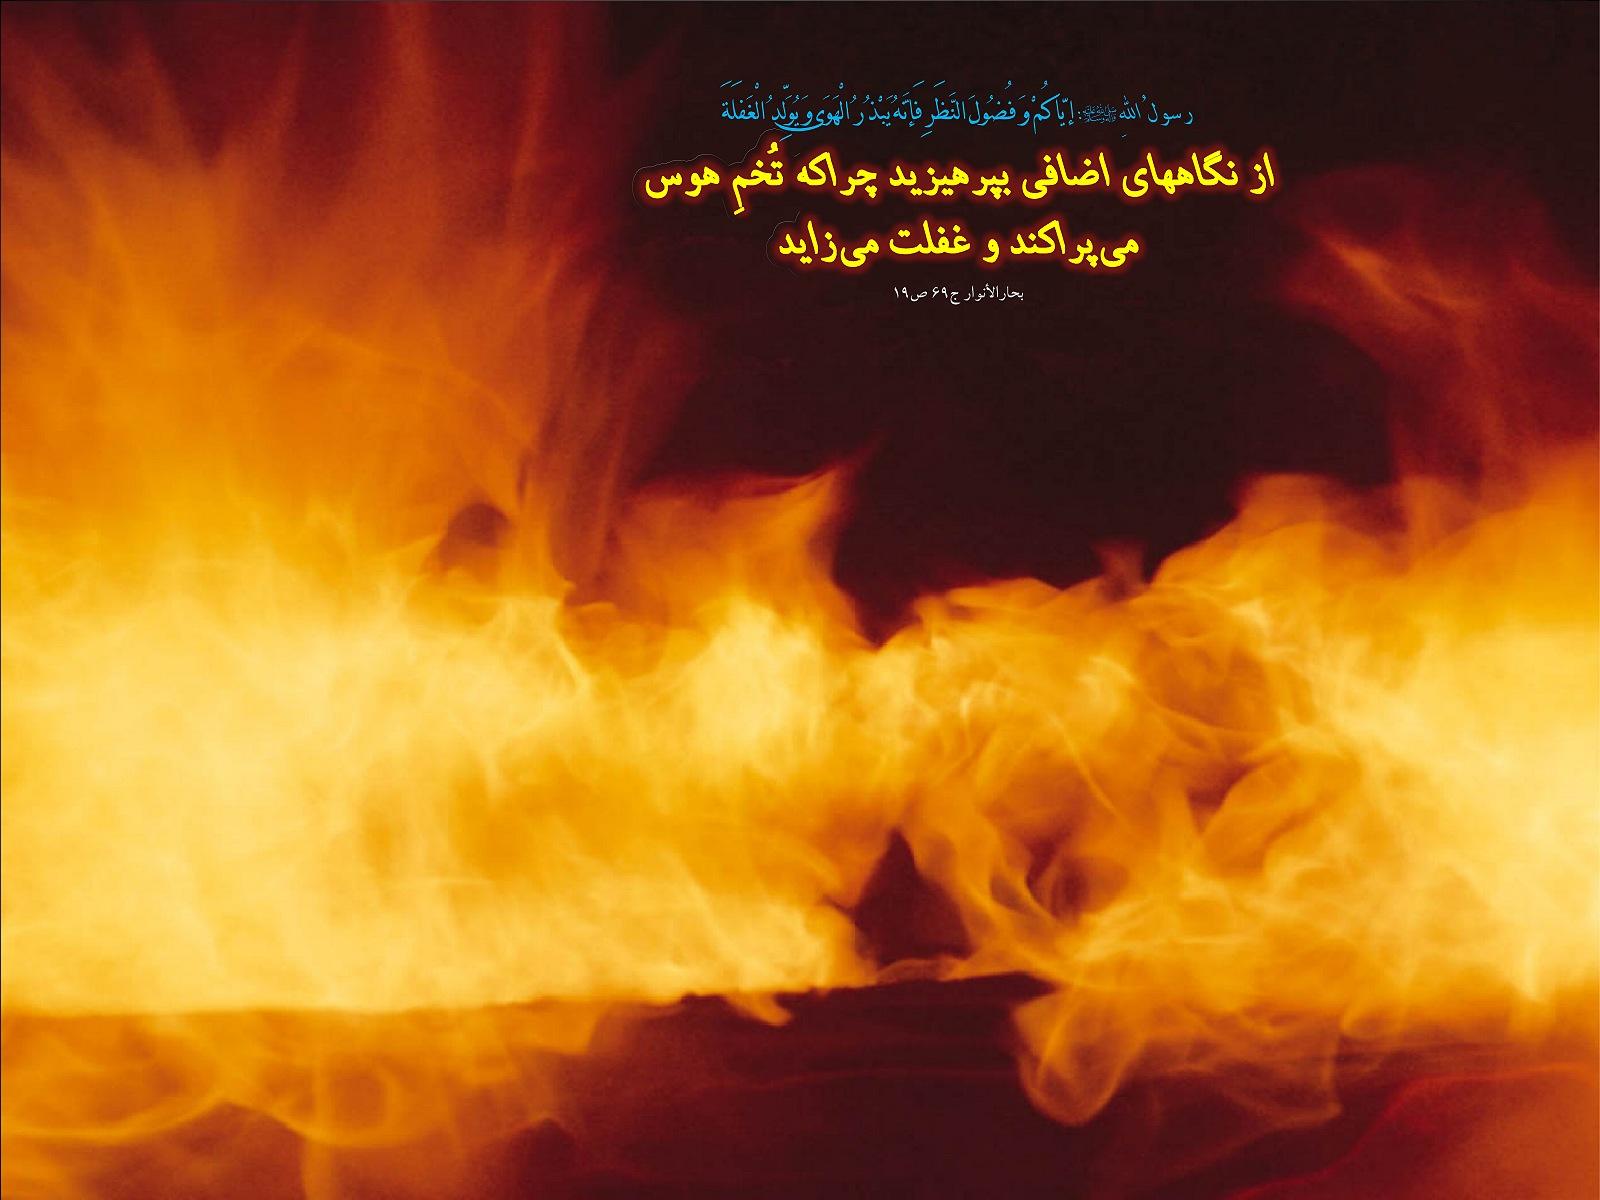 http://armila.gohardasht.com/uploaded/_43718E3E-FE8B-4B6F-BDED-93C23EB2F859_.jpg